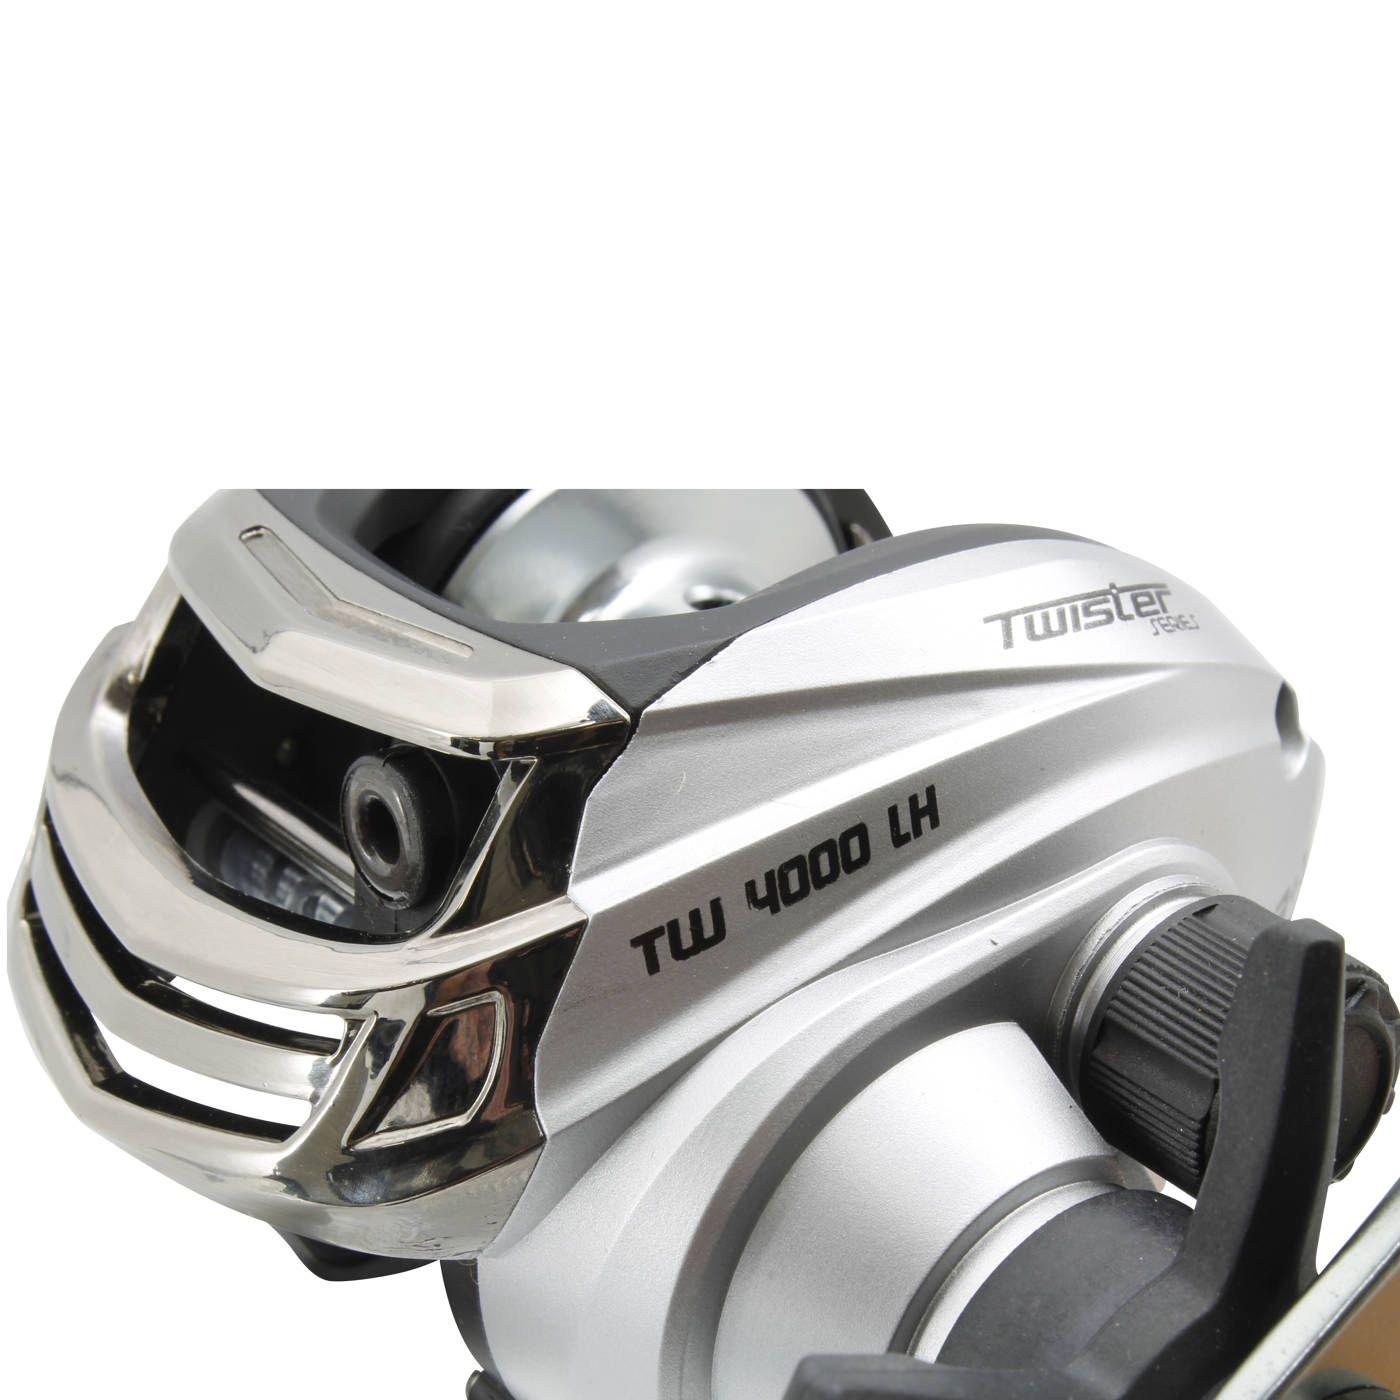 Carretilha Saint Plus Twister TW 4000LH Esquerda - 4 Rolamentos